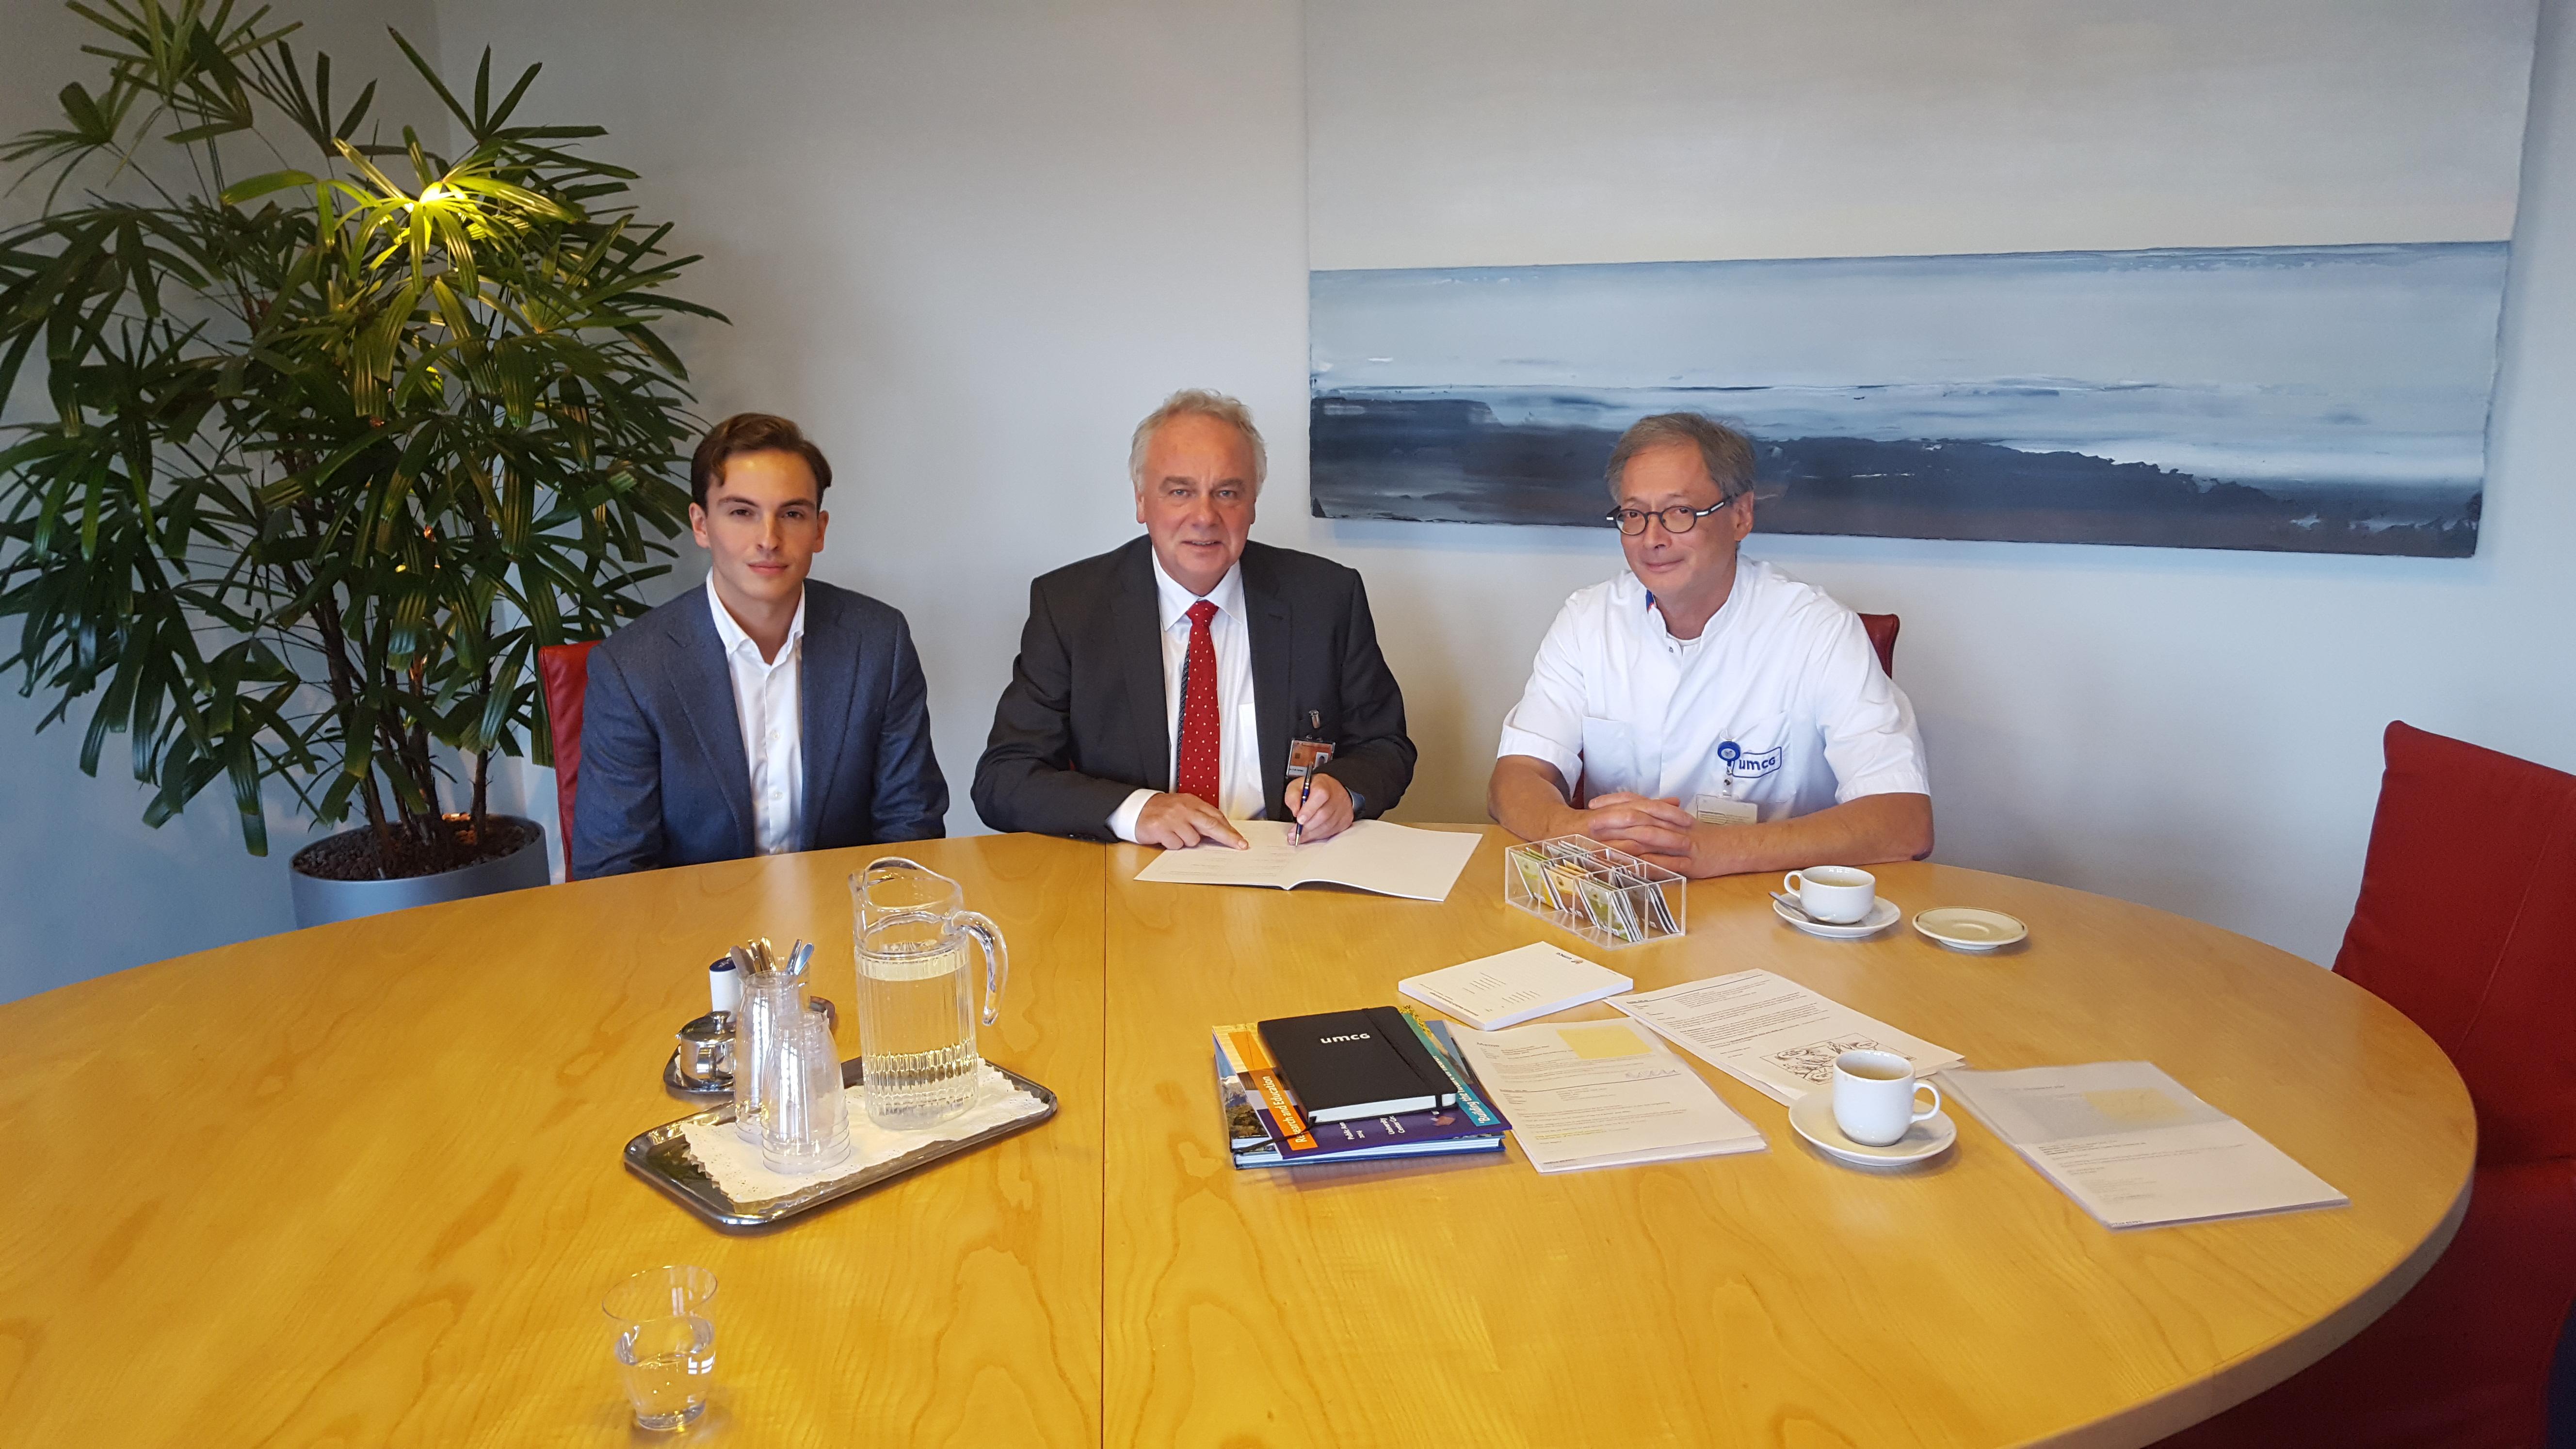 Eerste ondertekening Health Deal door UMCG